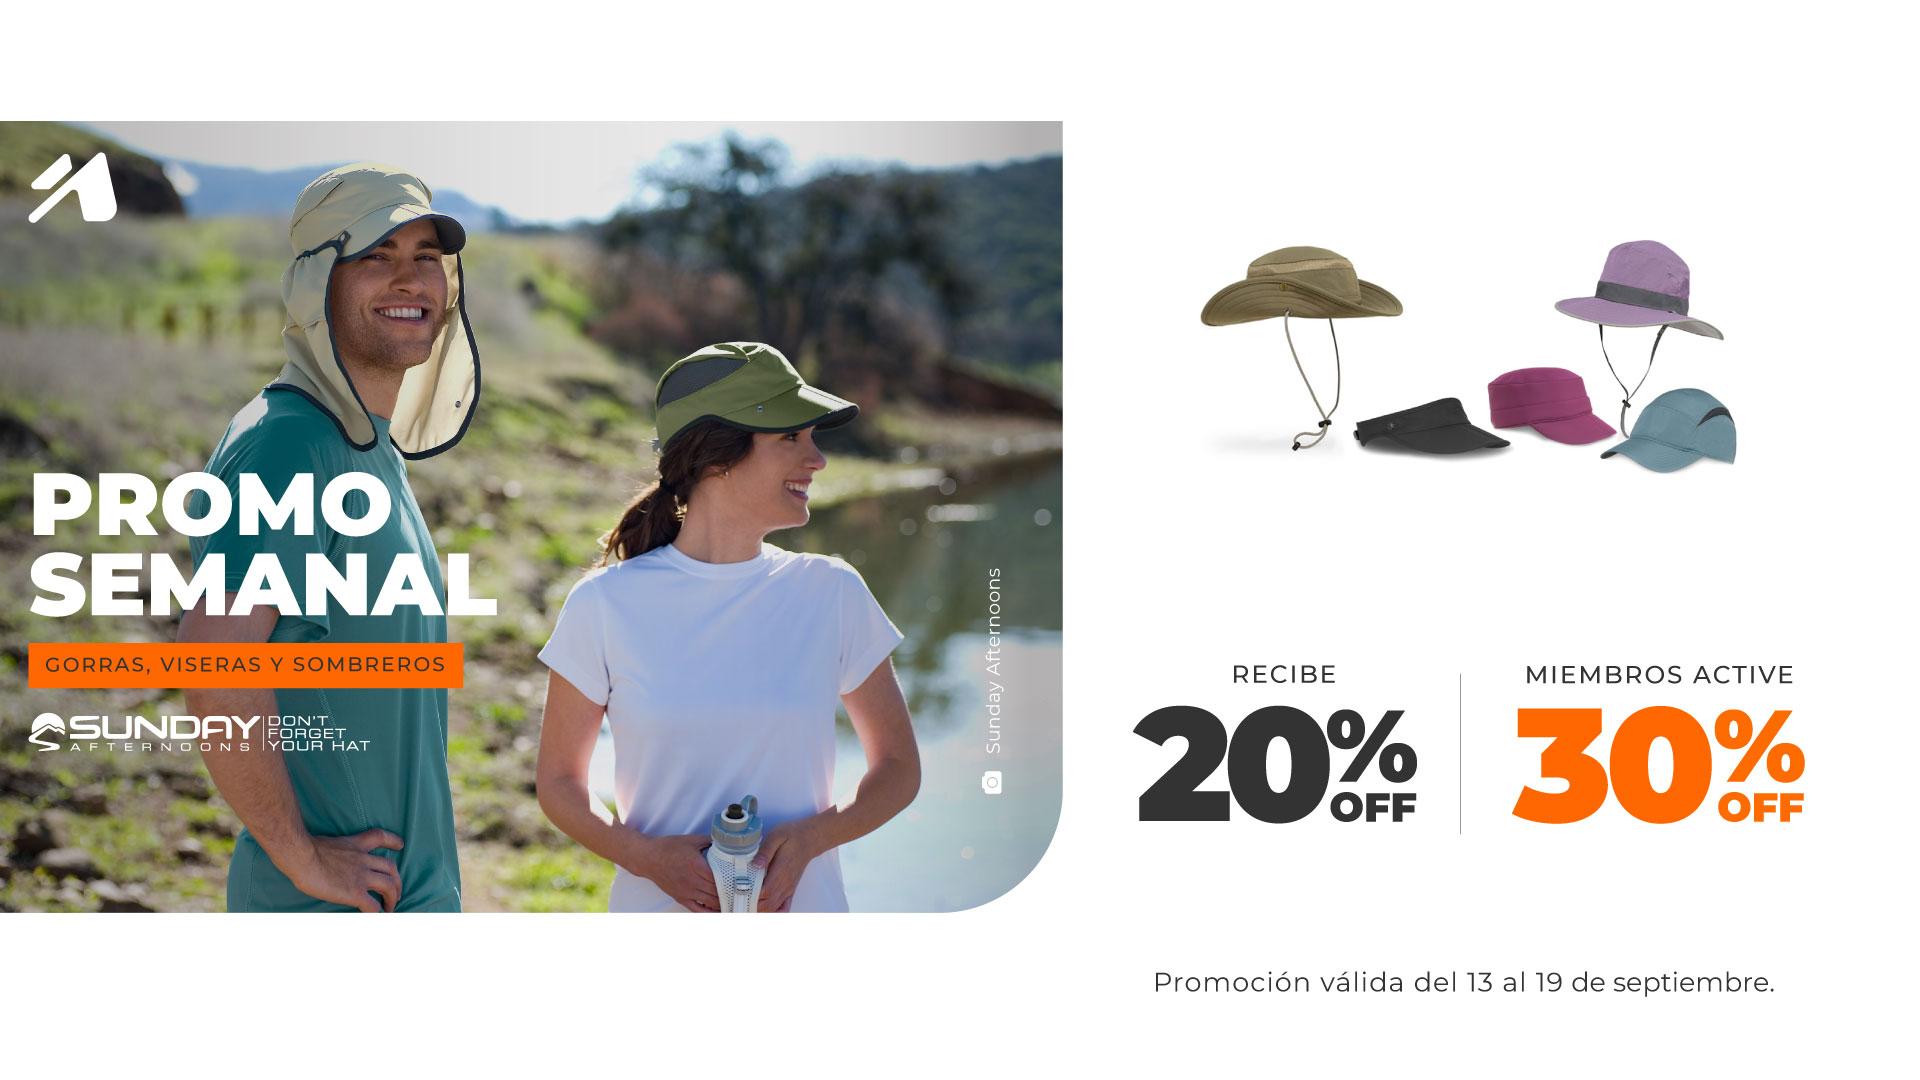 Promo semanal Chile: Gorras, viseros y sombreros de Sunday Afternoons.